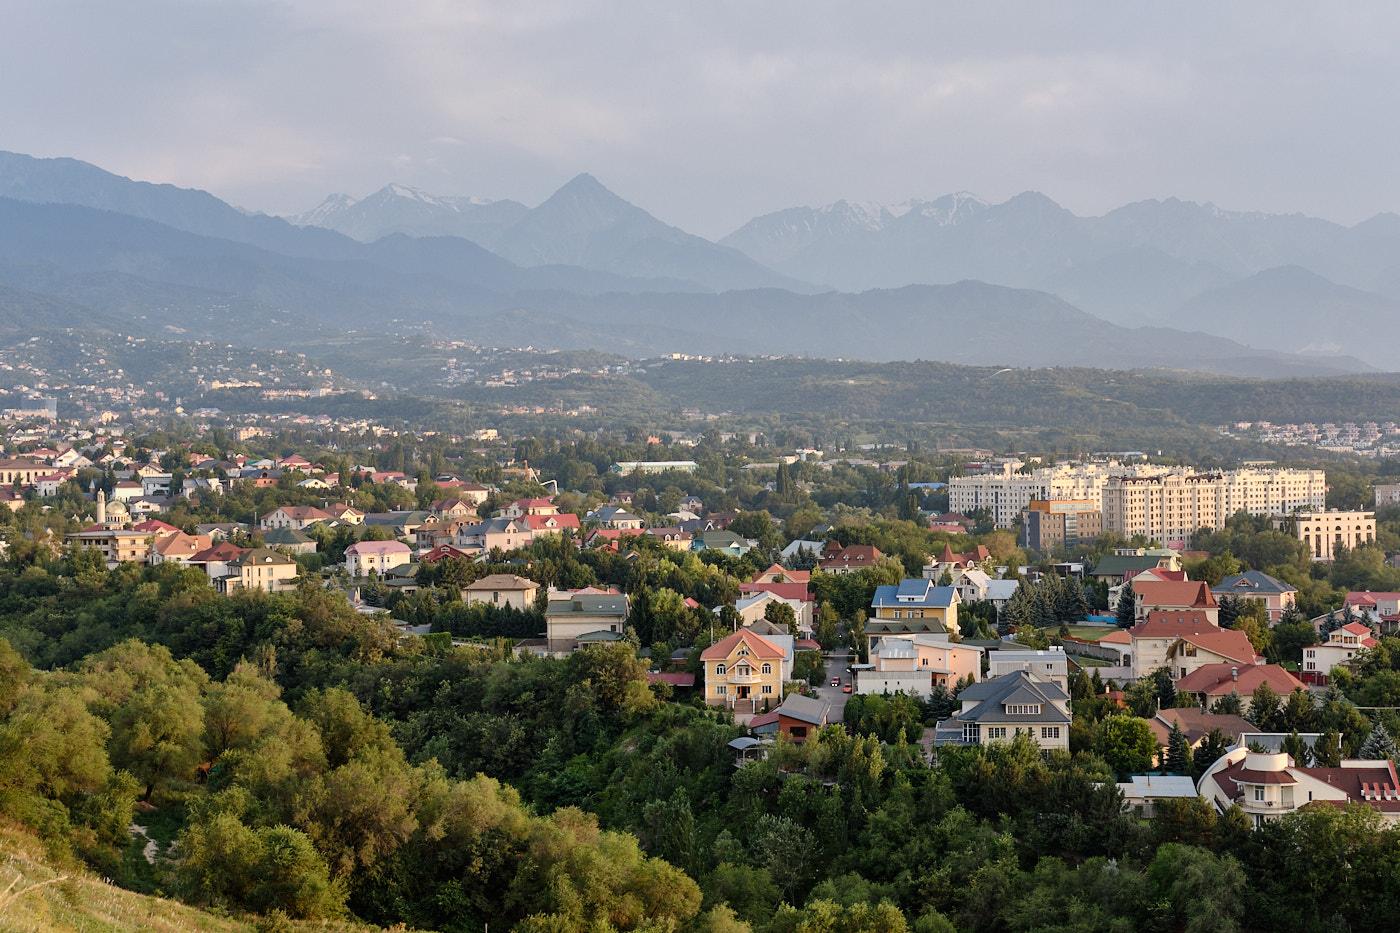 Almaty liegt sehr schön an den grünen Hängen des Tienschan-Gebirges.